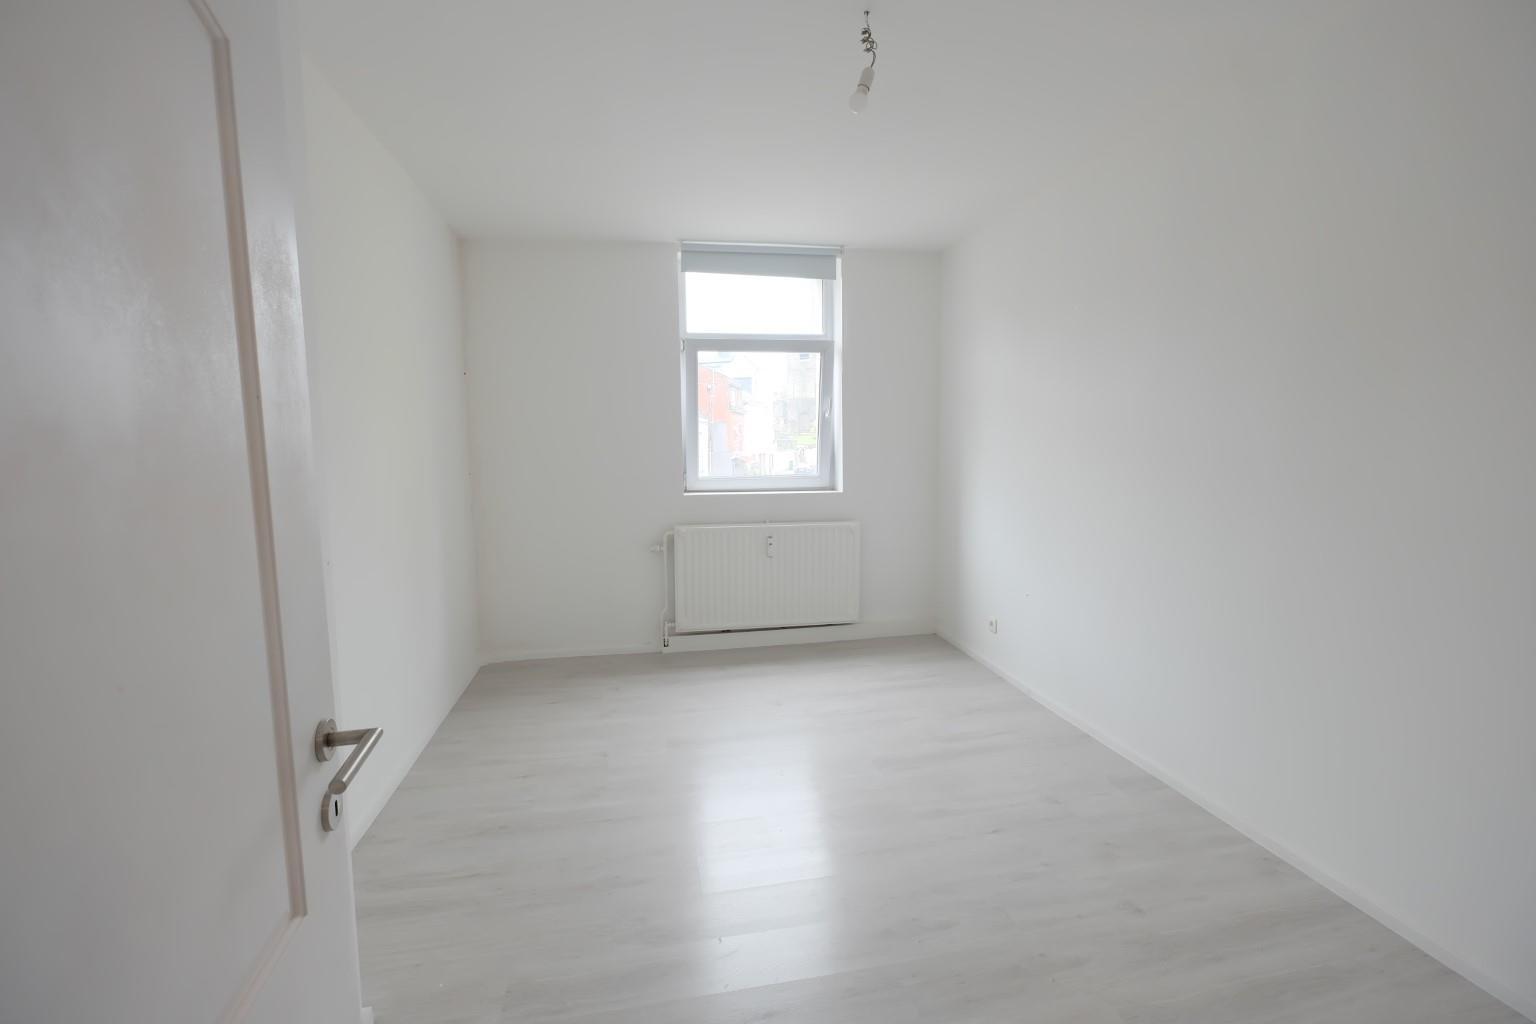 Appartement - Braine-le-Comte Ronquières - #4170204-2